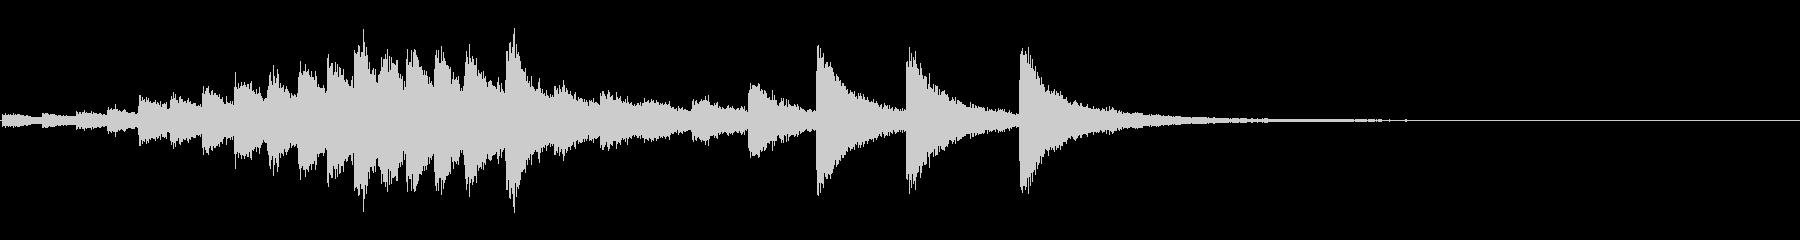 『カンカンカン・・』韓国ドラの抑揚連打音の未再生の波形